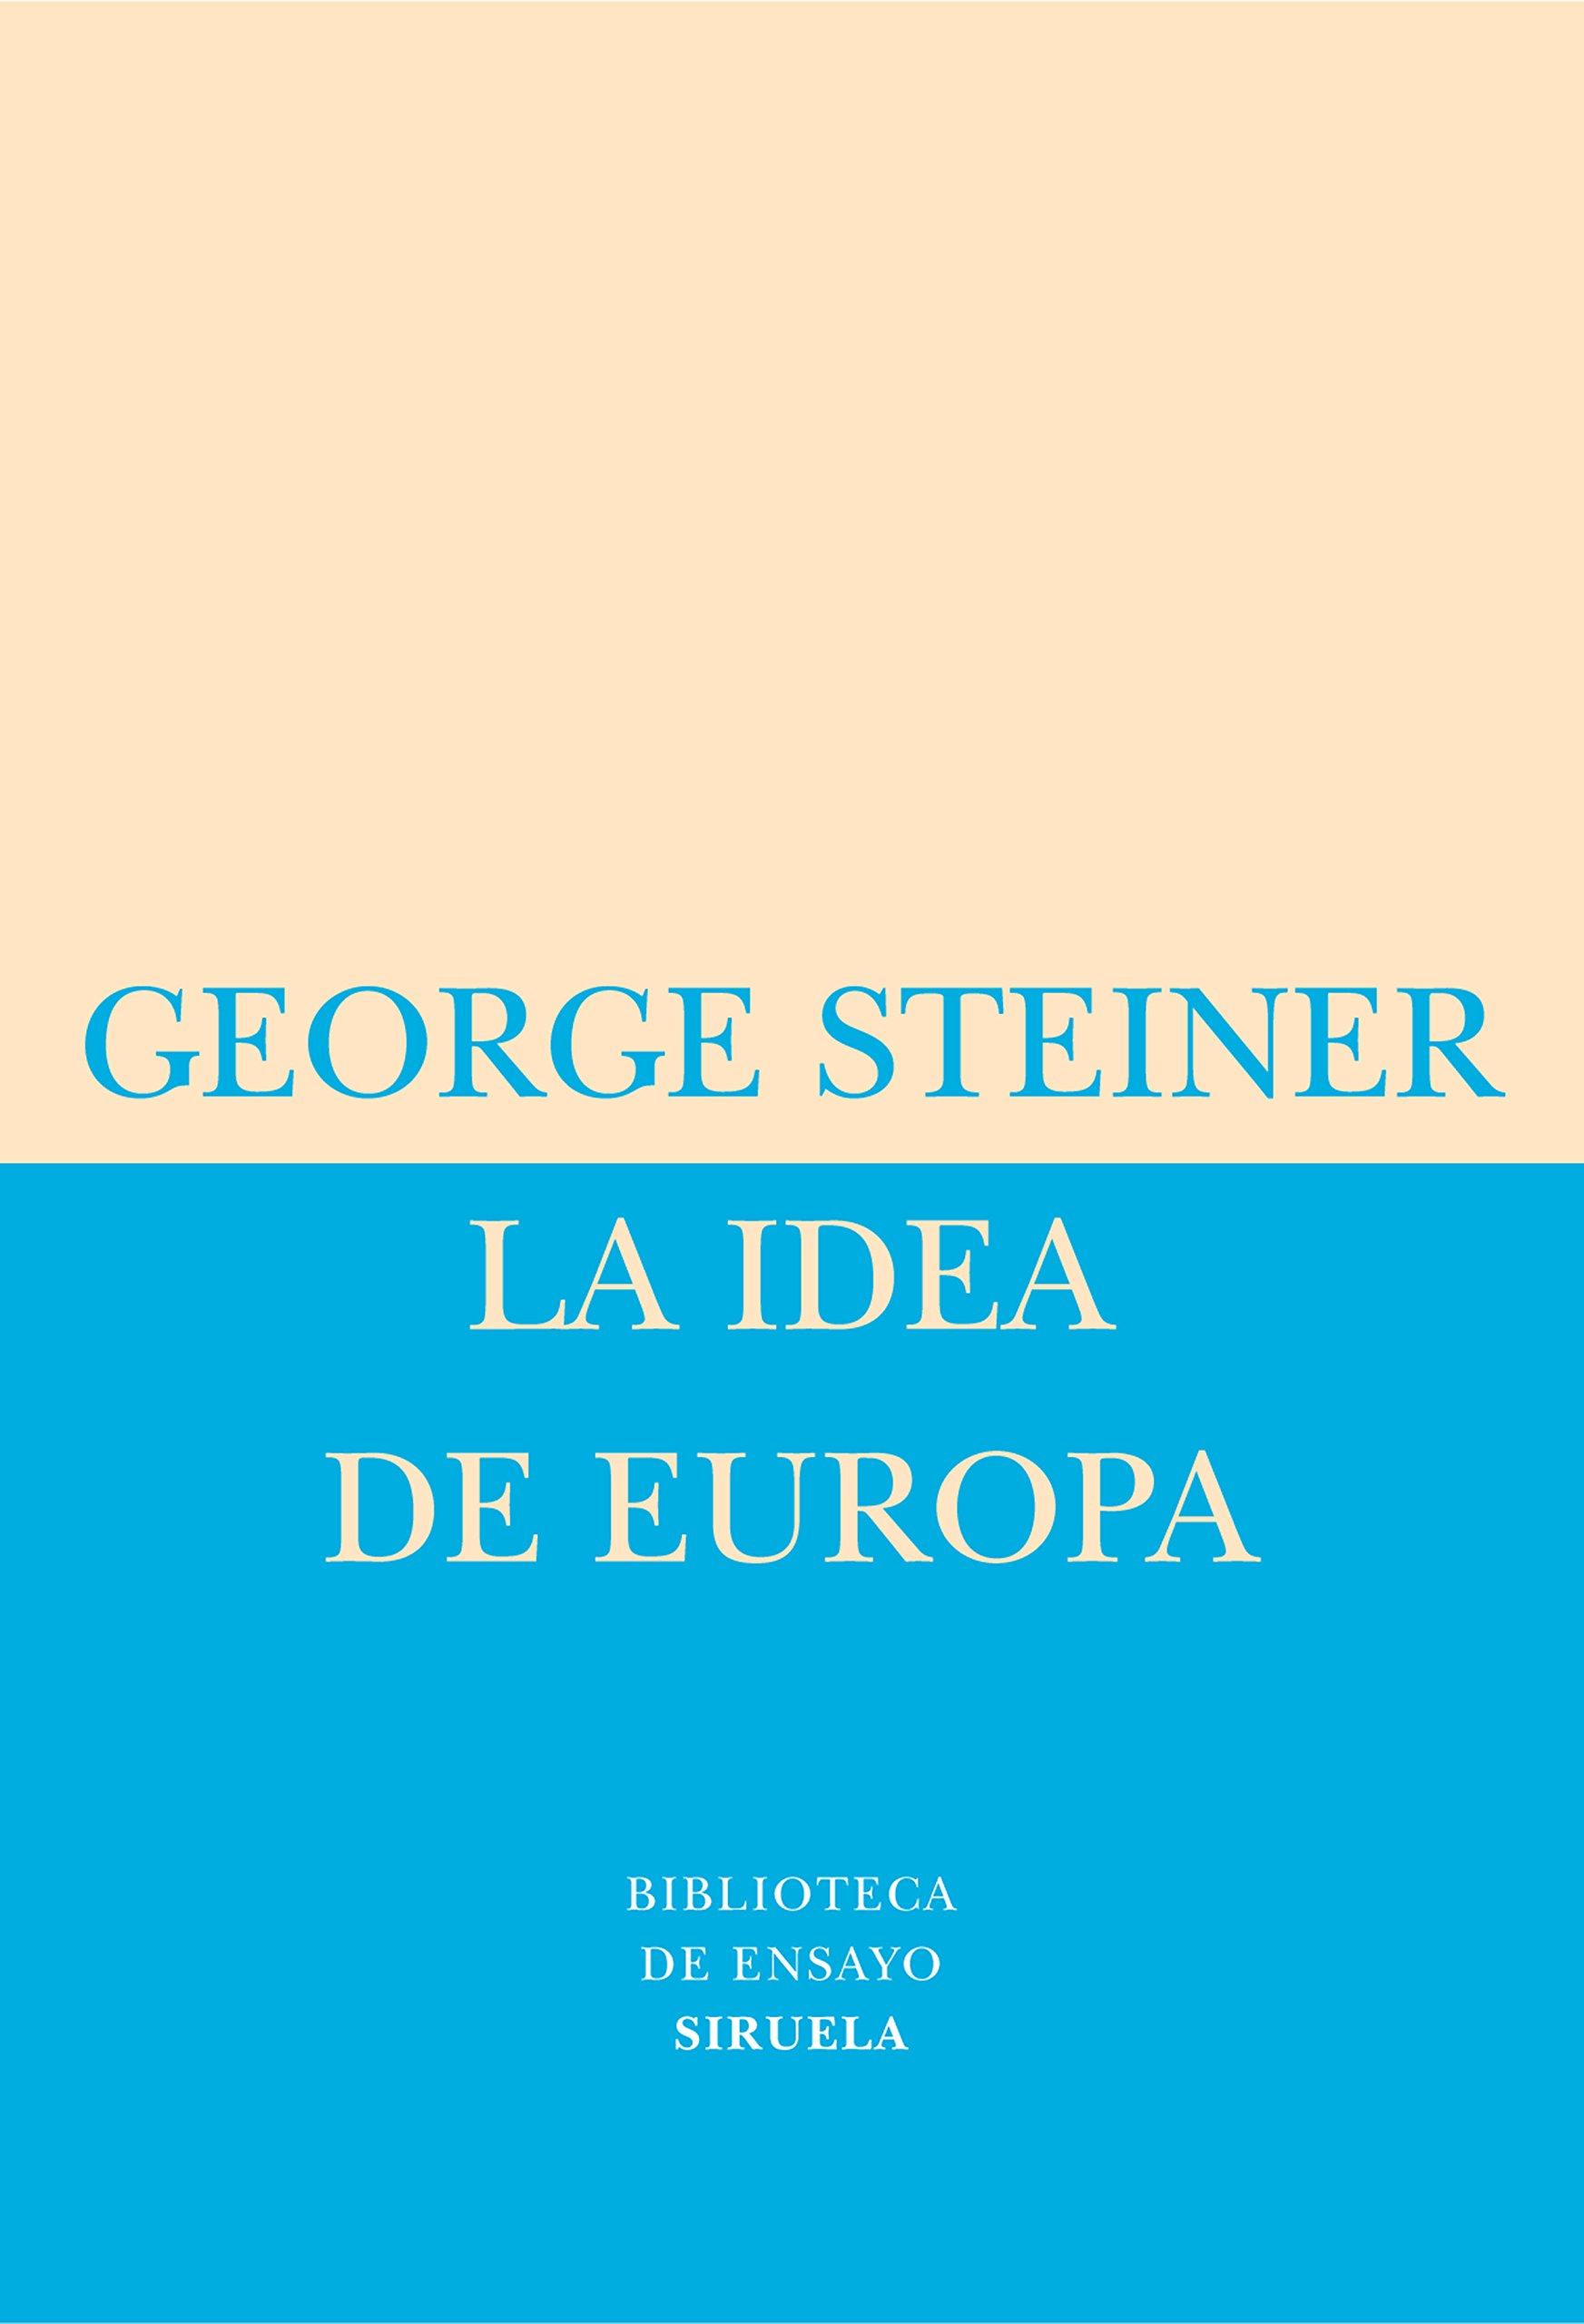 La Idea De Europa Biblioteca de Ensayo / Serie menor: Amazon.es: George Steiner, Mario Vargas Llosa, Rob Riemen, María Condor: Libros